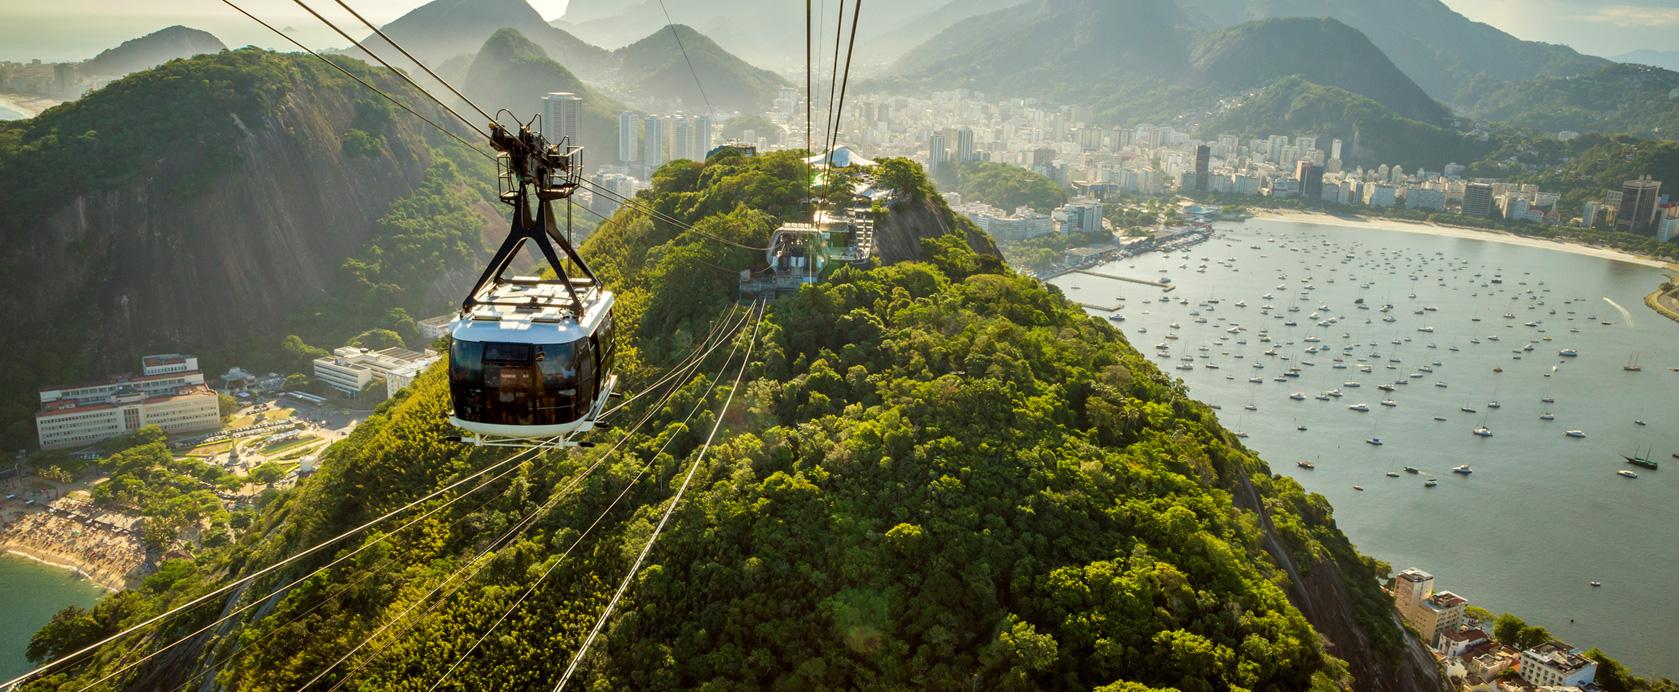 Luxusreisen Südamerika